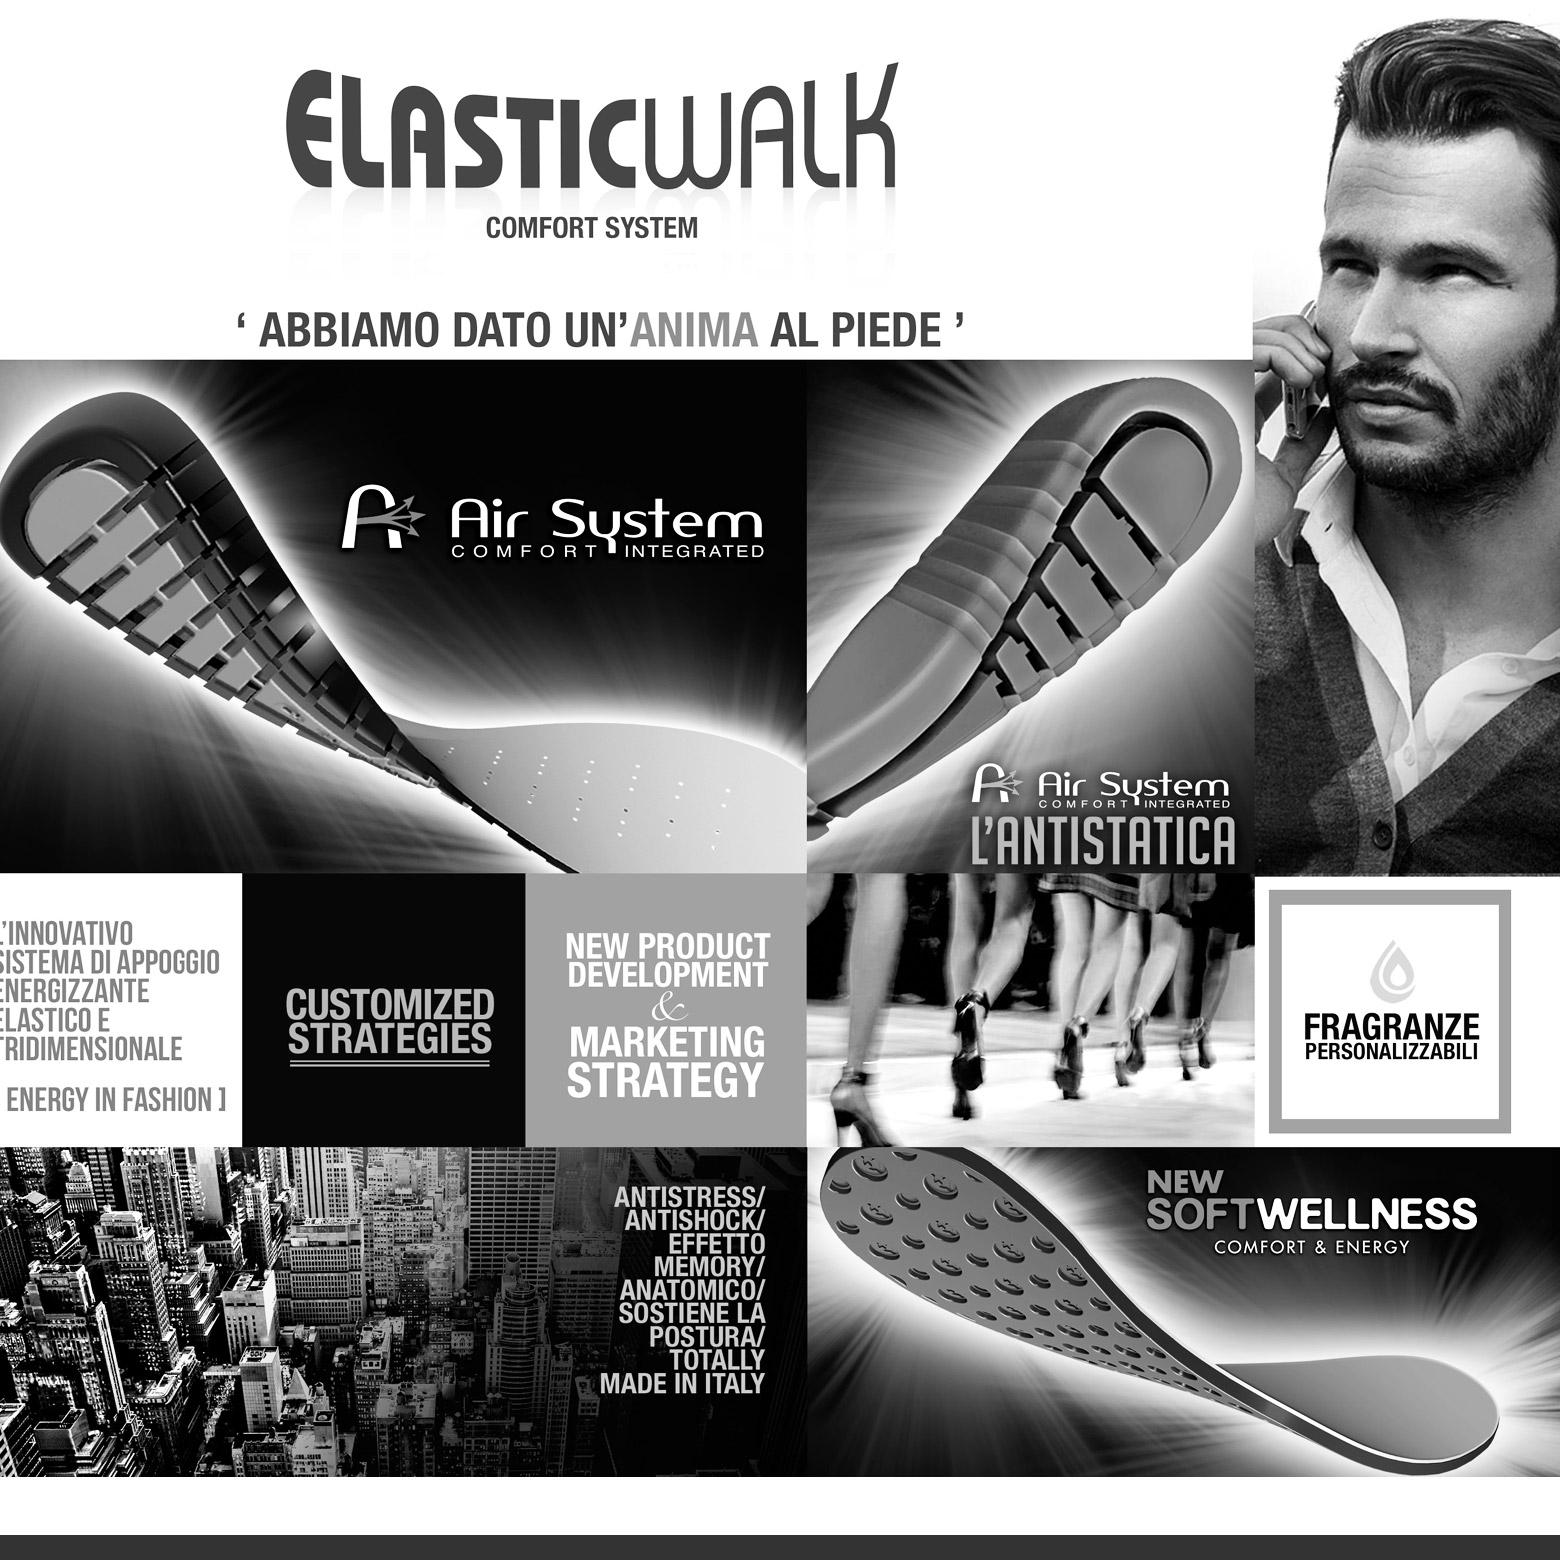 ElasticWalk